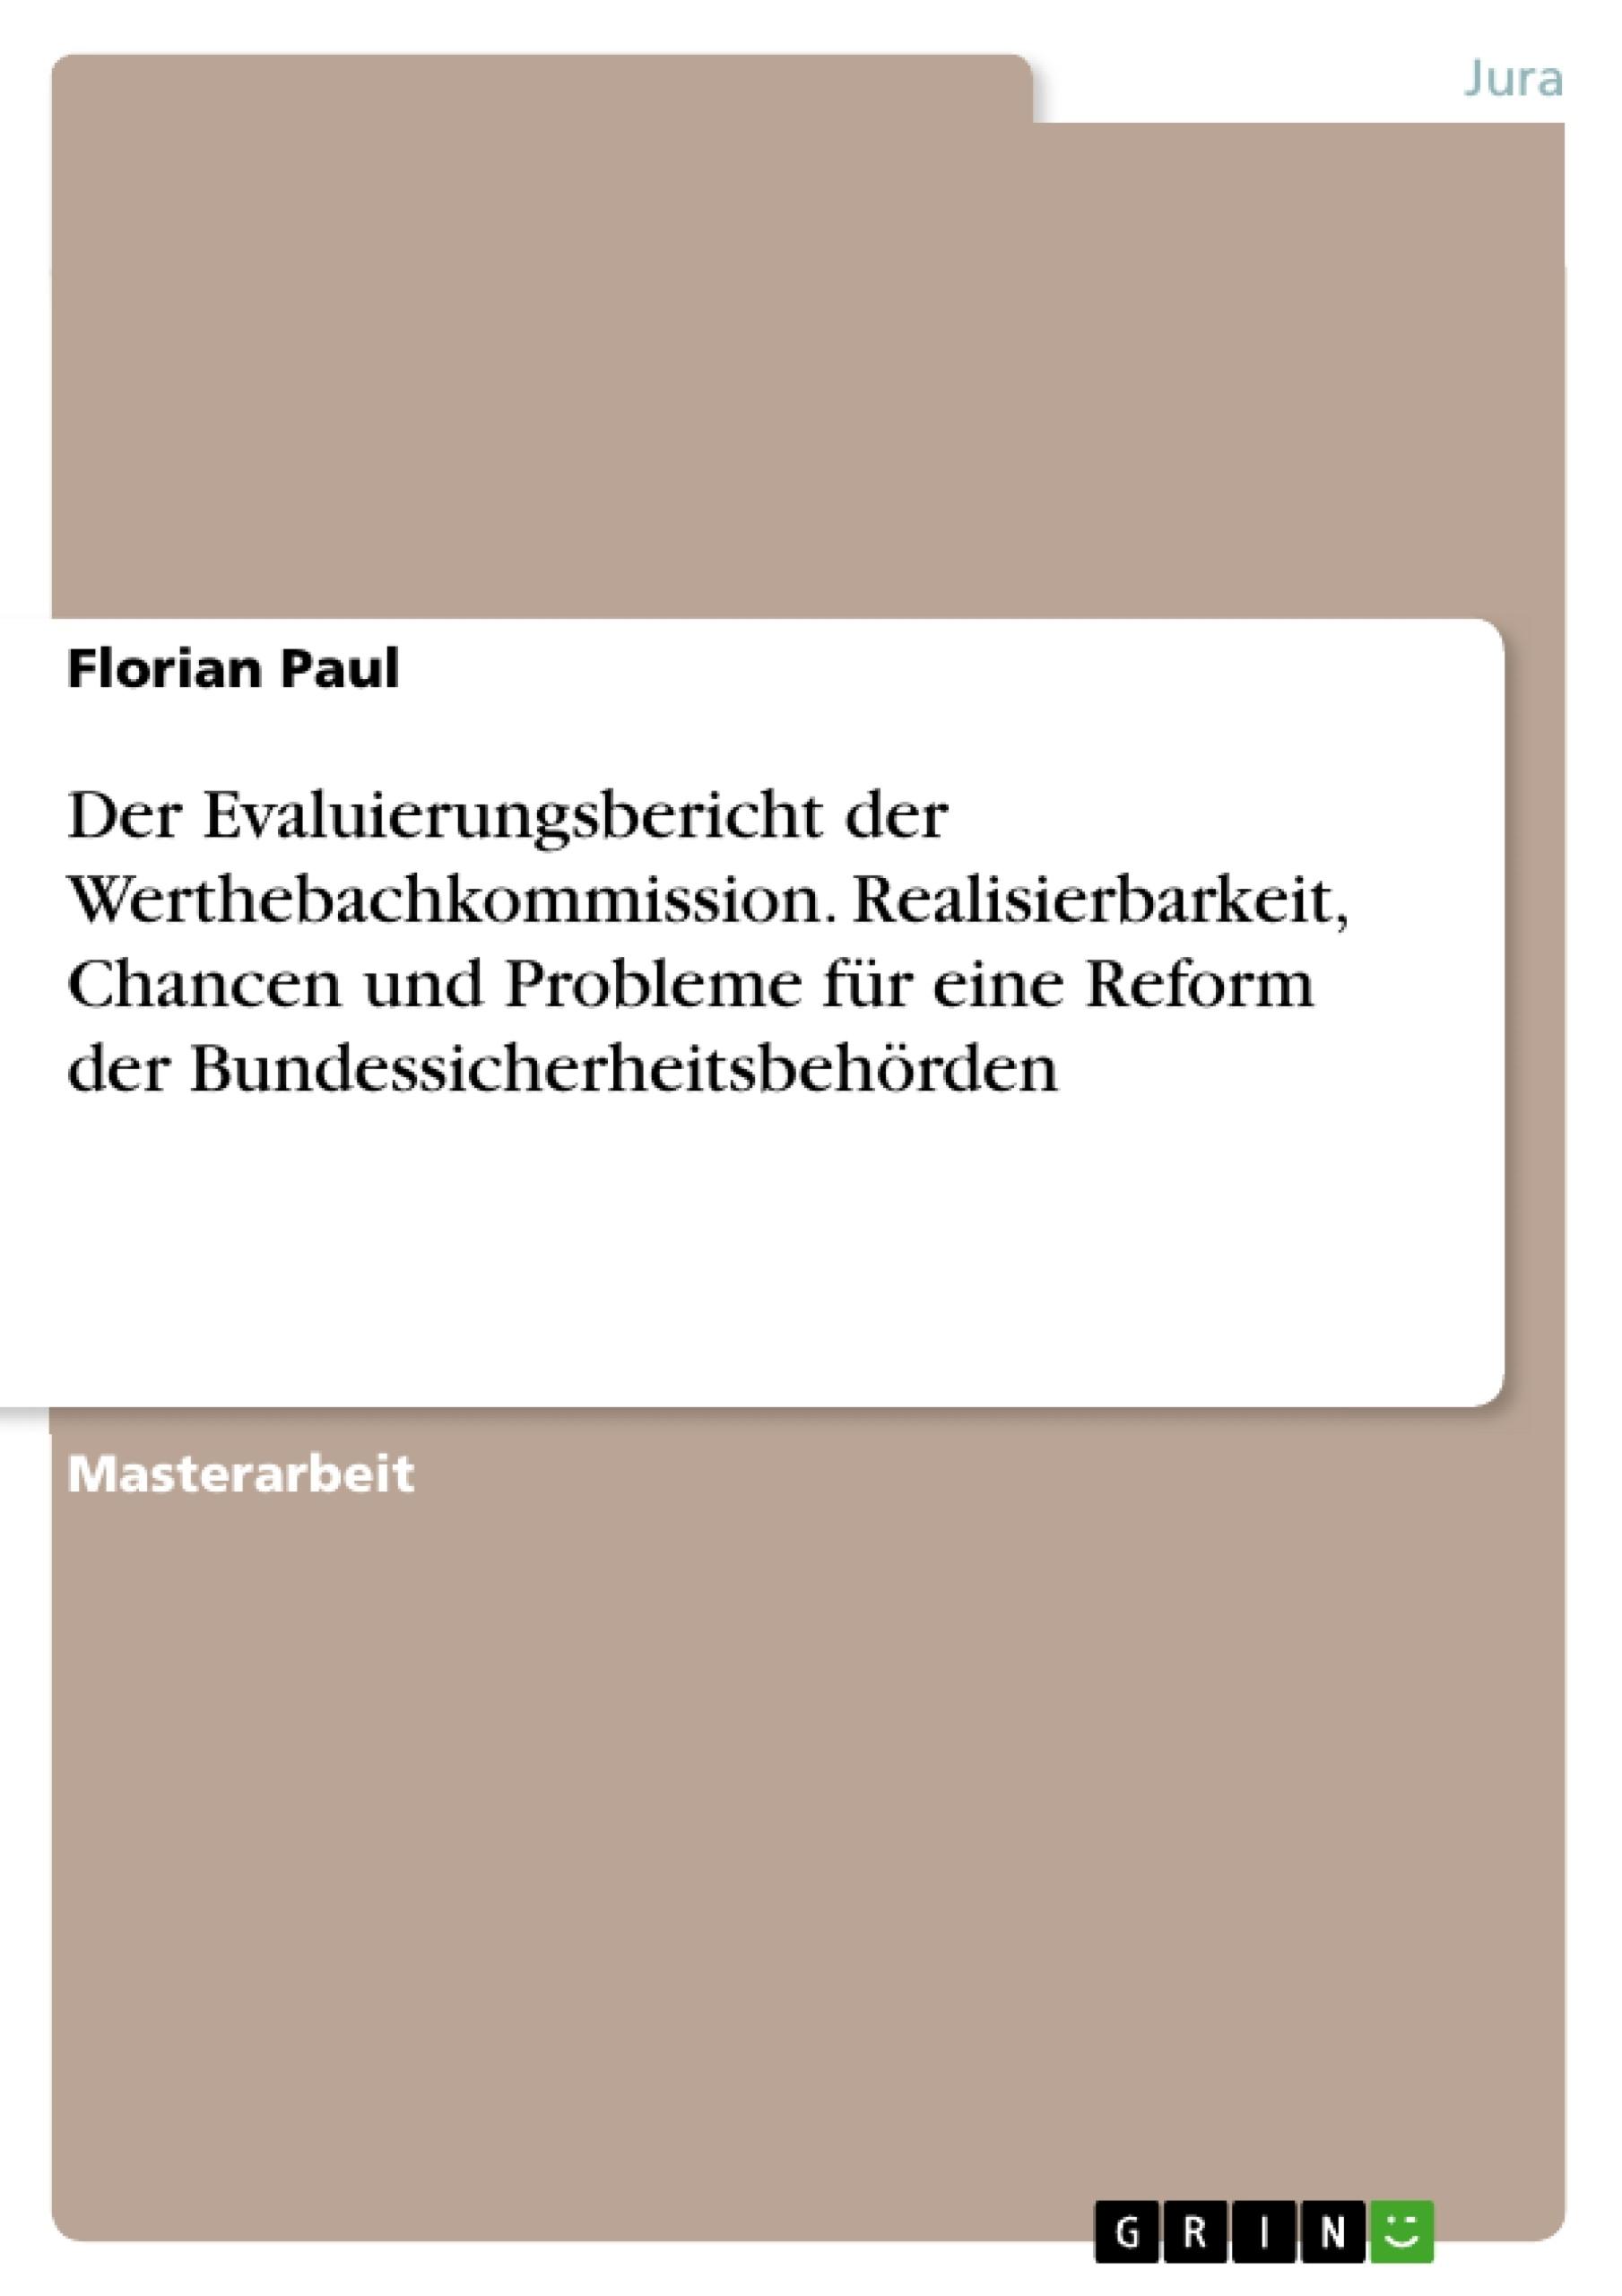 Titel: Der Evaluierungsbericht der Werthebachkommission. Realisierbarkeit, Chancen und Probleme für eine Reform der Bundessicherheitsbehörden